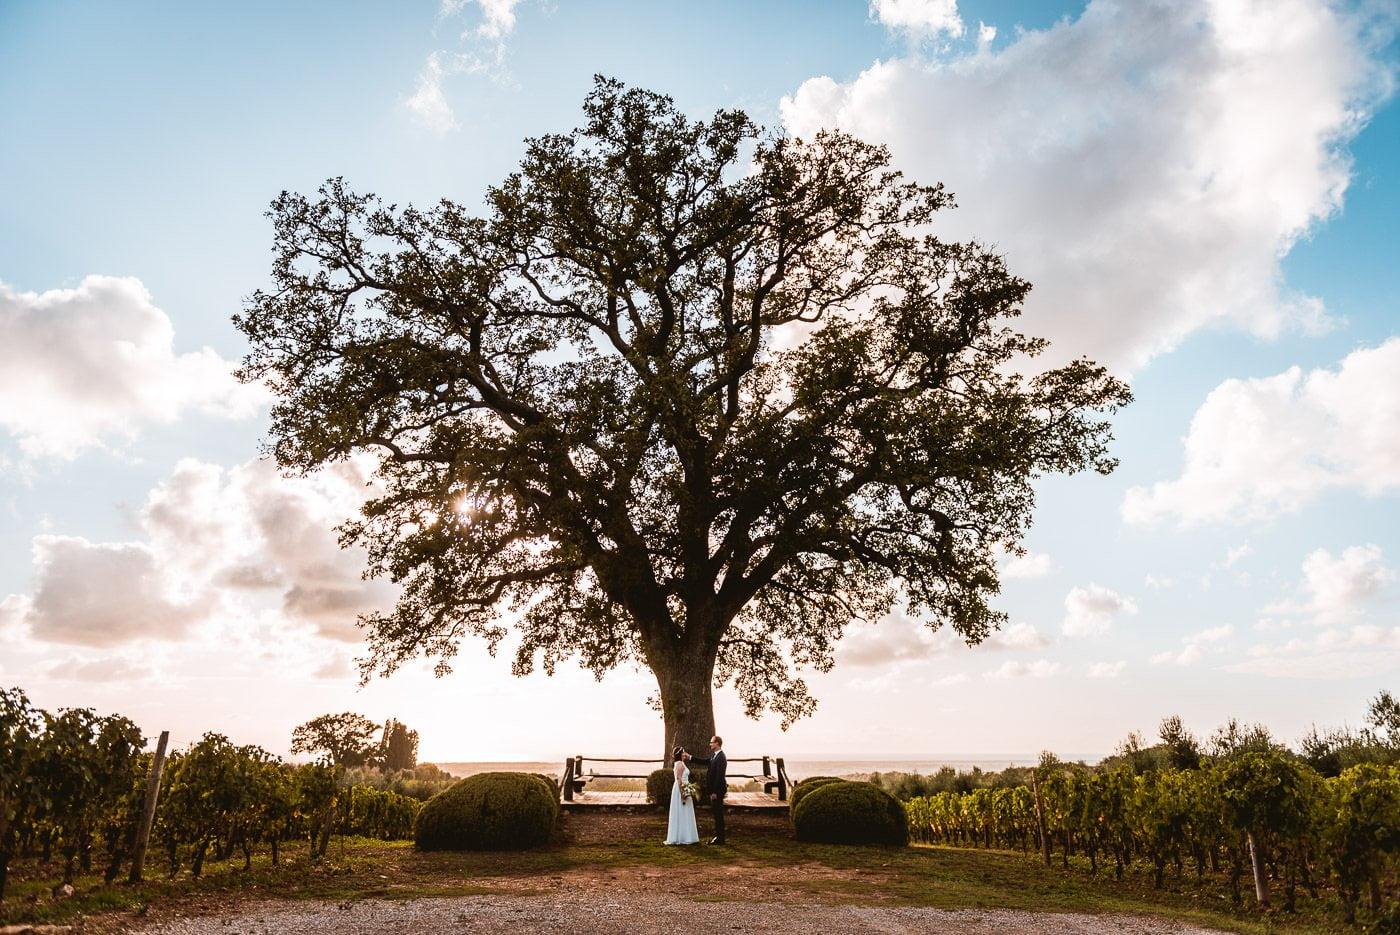 elopement wedding in Italy